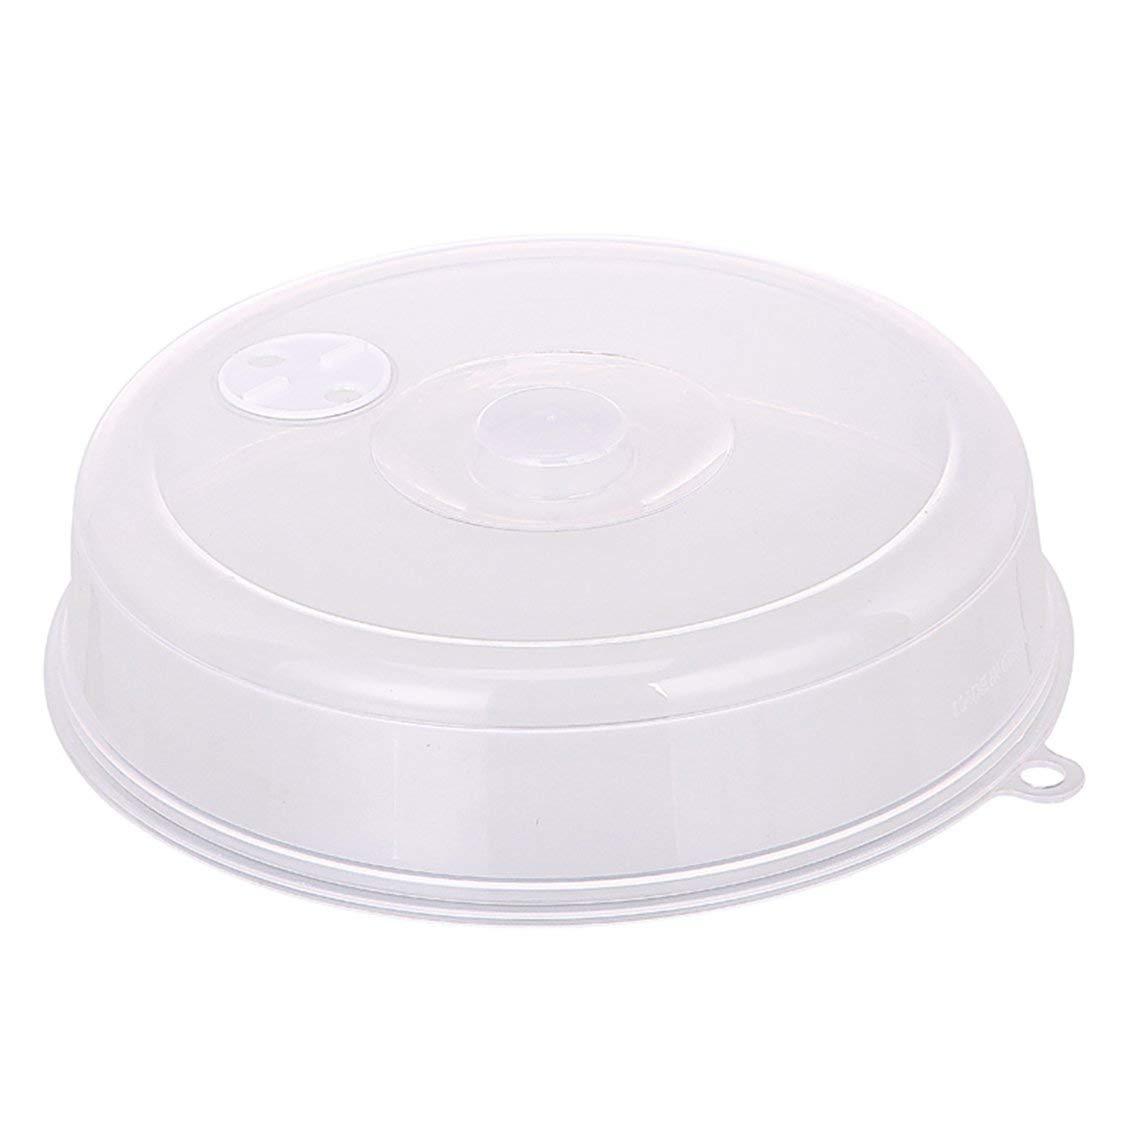 Mazur Tapa grande de la cubierta de la salpicadura del microondas con orificios de ventilación Tapa del cuenco de la placa universal Recubrimiento apilable Tapa del disco de sellado (color: transparente)